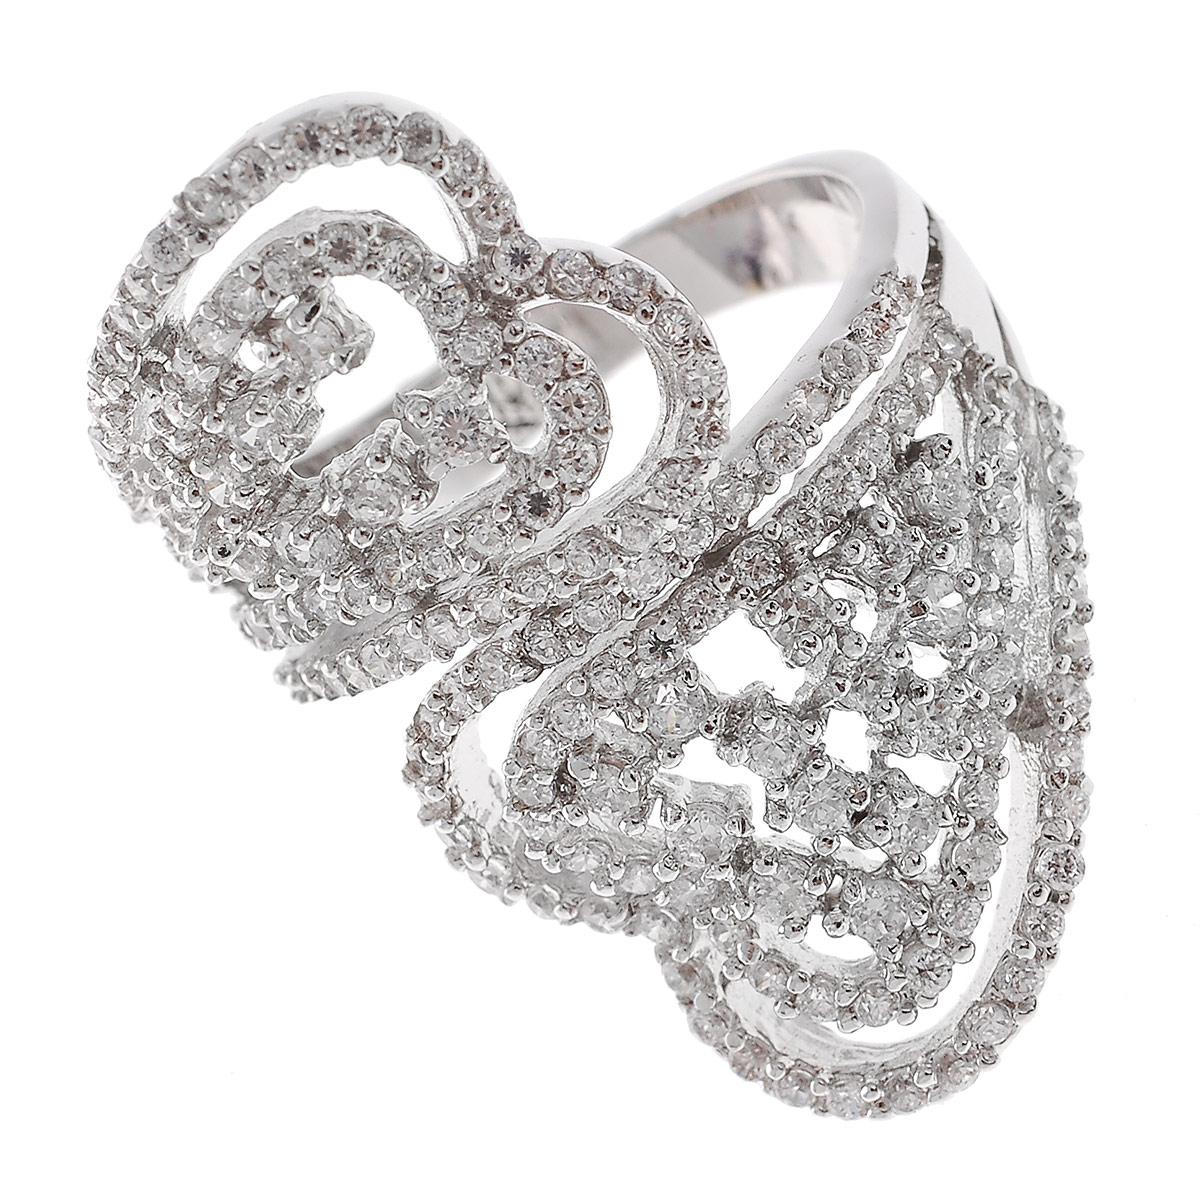 Кольцо Lovely Jewelry, цвет: серебристый. Размер 17. КС1002КС1002Оригинальное кольцо Lovely Jewelry выполнено из металла с гальваническим покрытием родием и оформлено цирконами. Такое кольцо позволит вам с легкостью воплотить самую смелую фантазию и создать собственный, неповторимый образ. Кольцо упаковано в бархатный мешочек. Характеристики: Материал: металл, циркон. Покрытие: родий. Размер кольца: 17 см. Размер декоративной части: 2 см х 3 см. Артикул: КС1002.